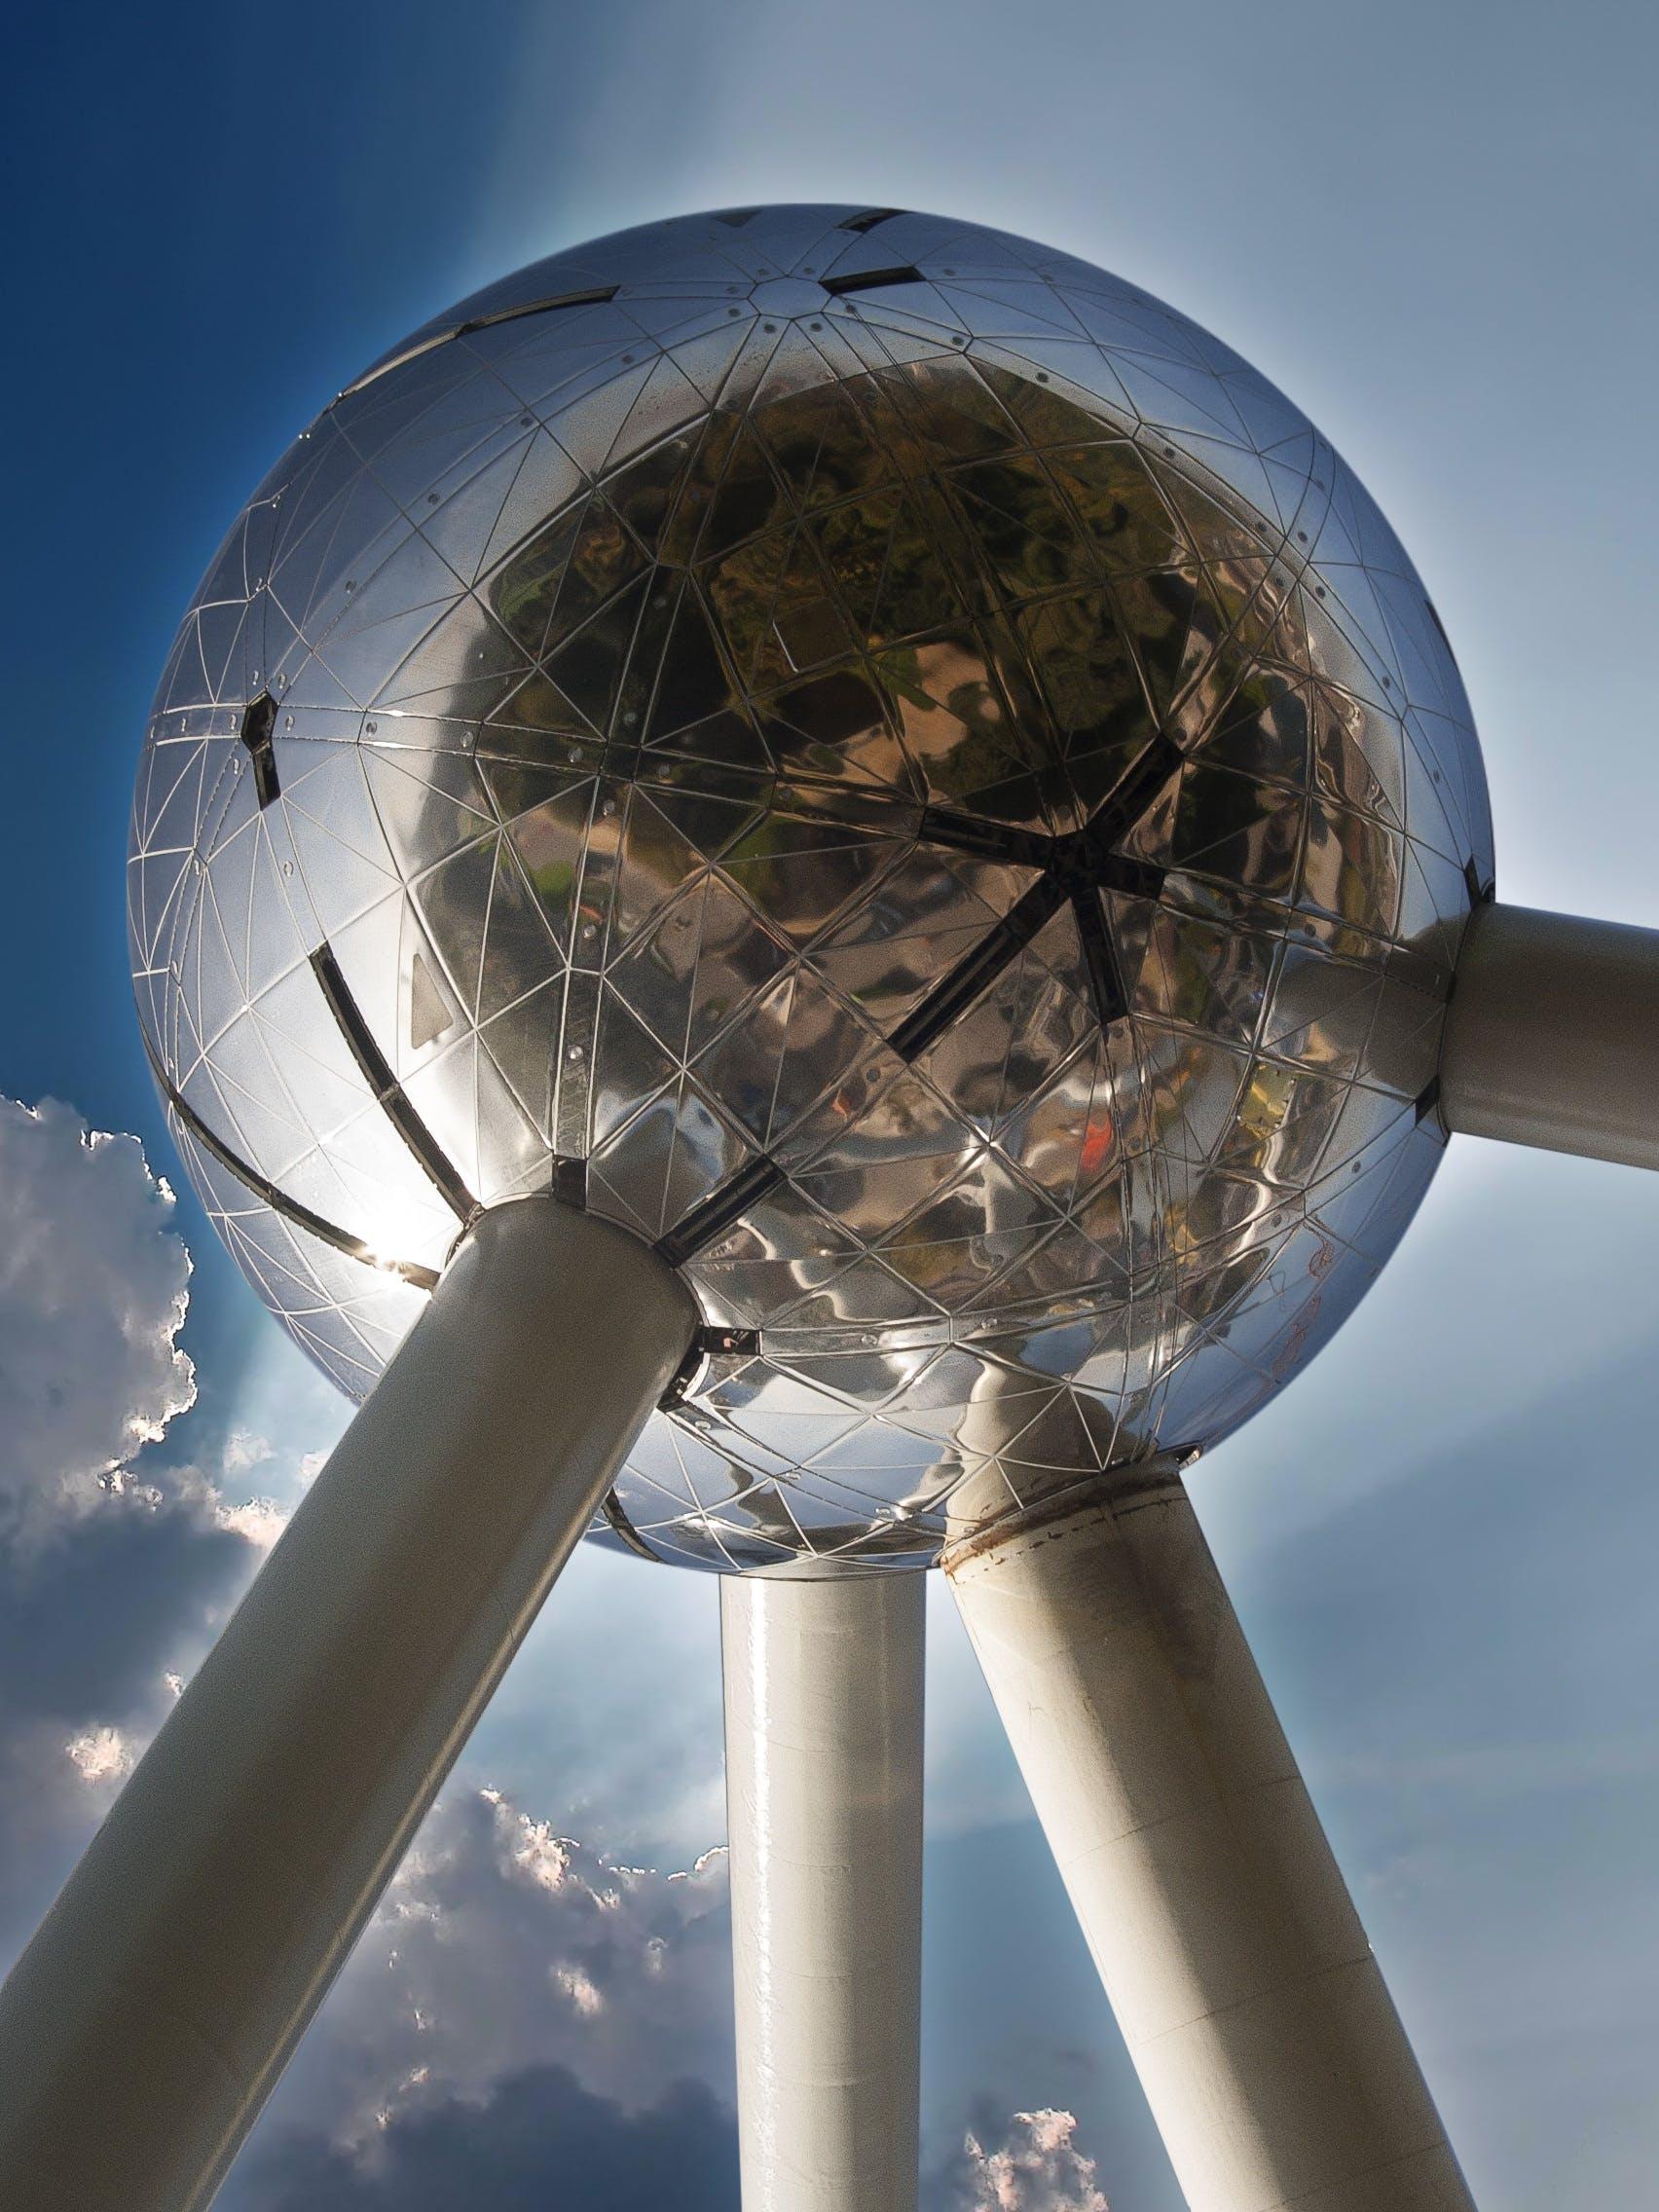 Free stock photo of air, atomic, atomium, Belgium